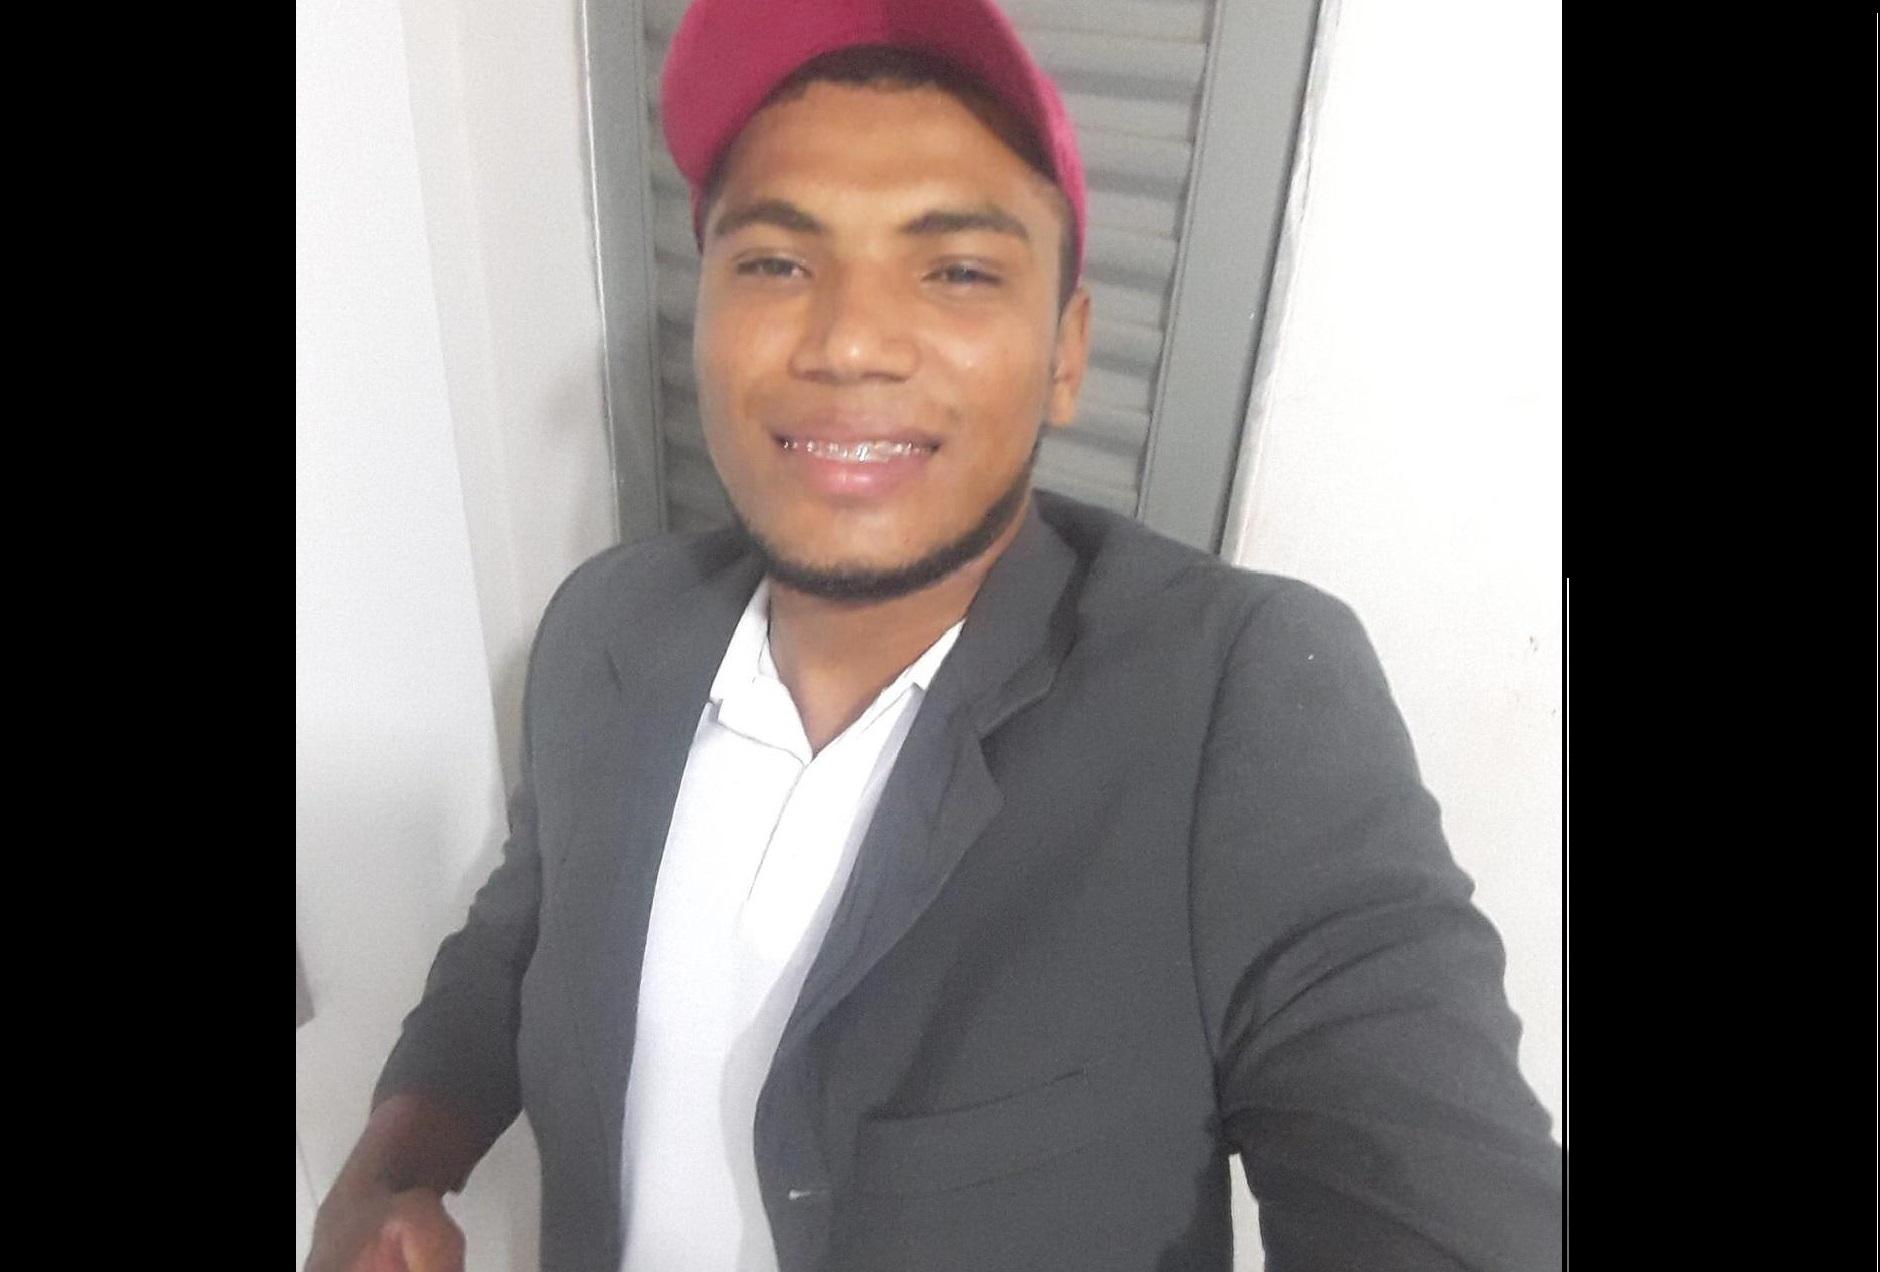 Polícia Civil investiga sumiço de jovem em Guaraí, visto pela última vez indo para o trabalho